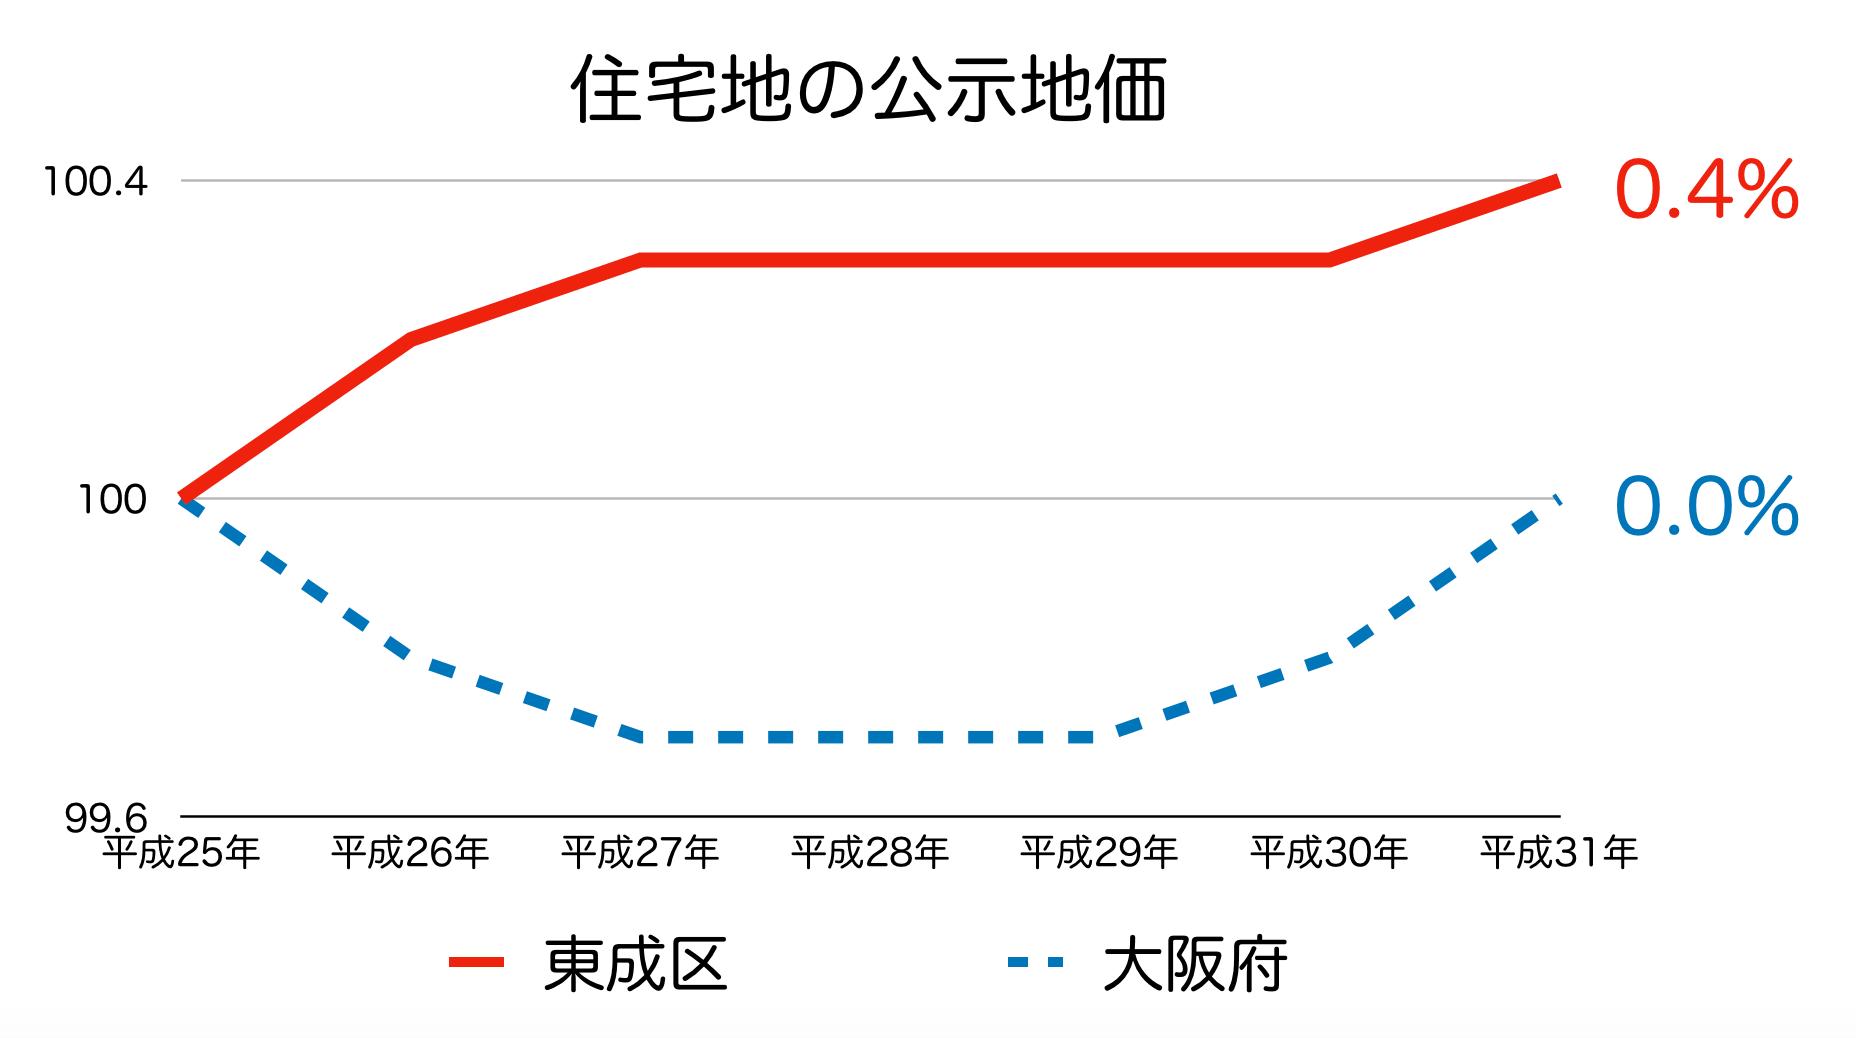 大阪市東成区の公示地価 H25-H31